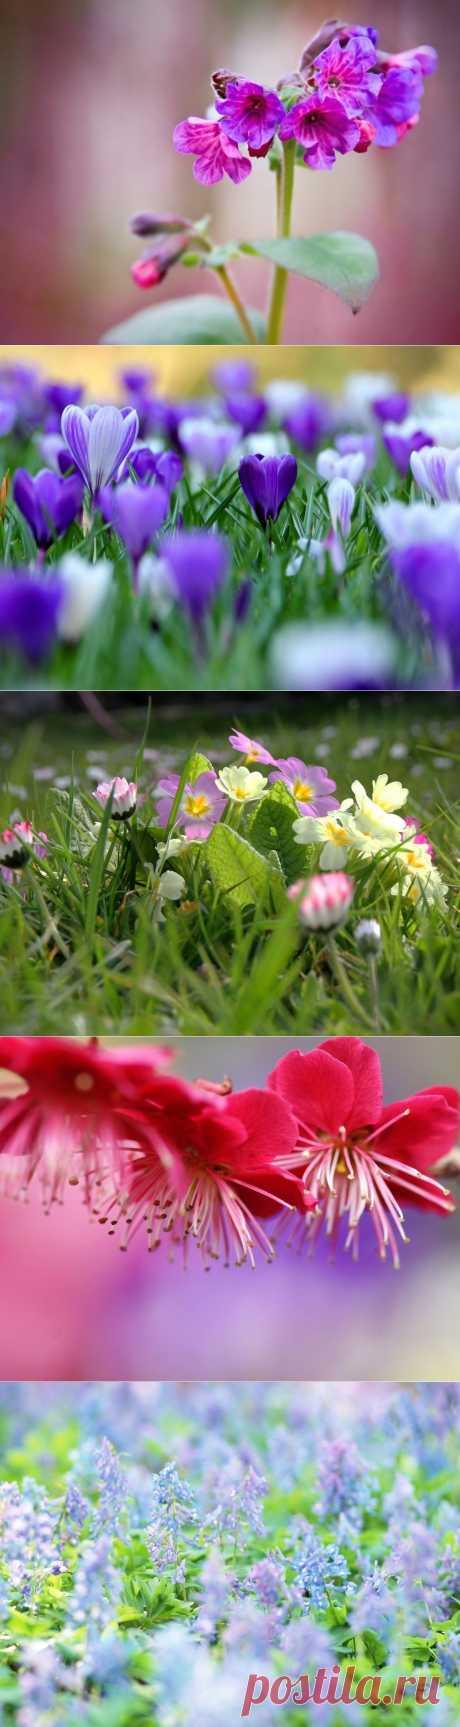 Весна, весна! Как воздух чист!.